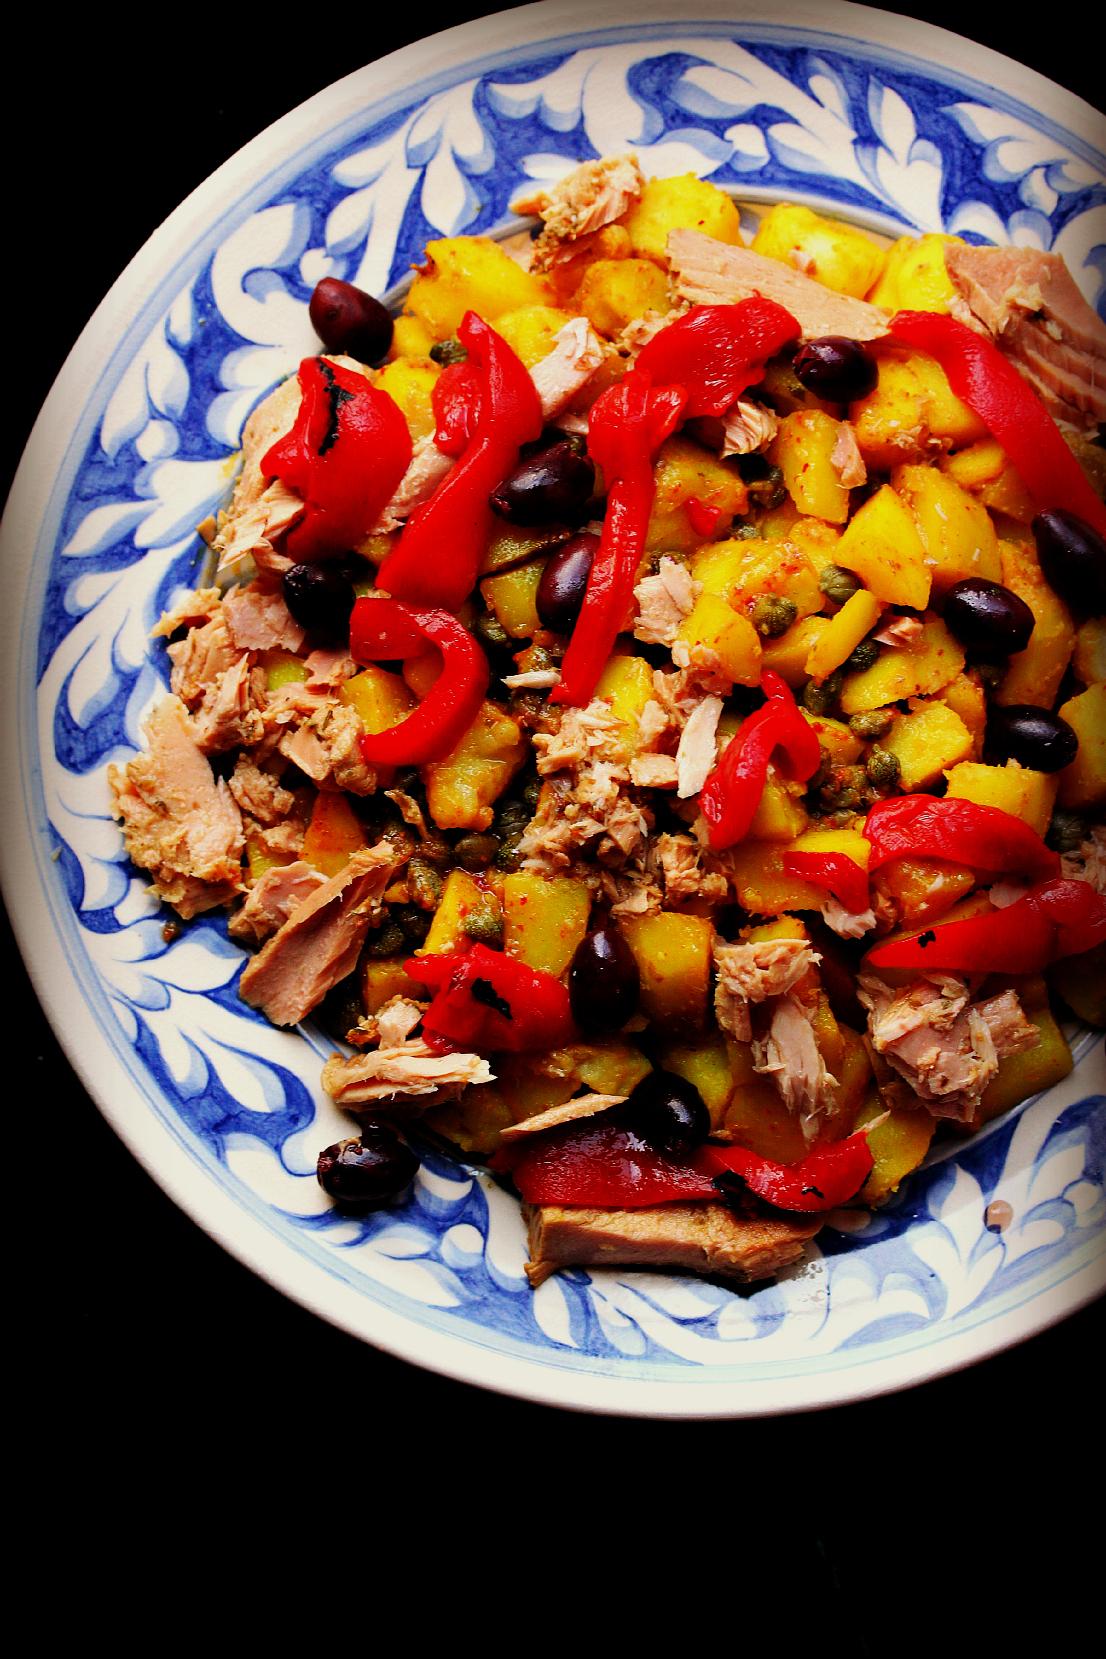 ©Winter Potato and Tuna Salad by Dena T Bray